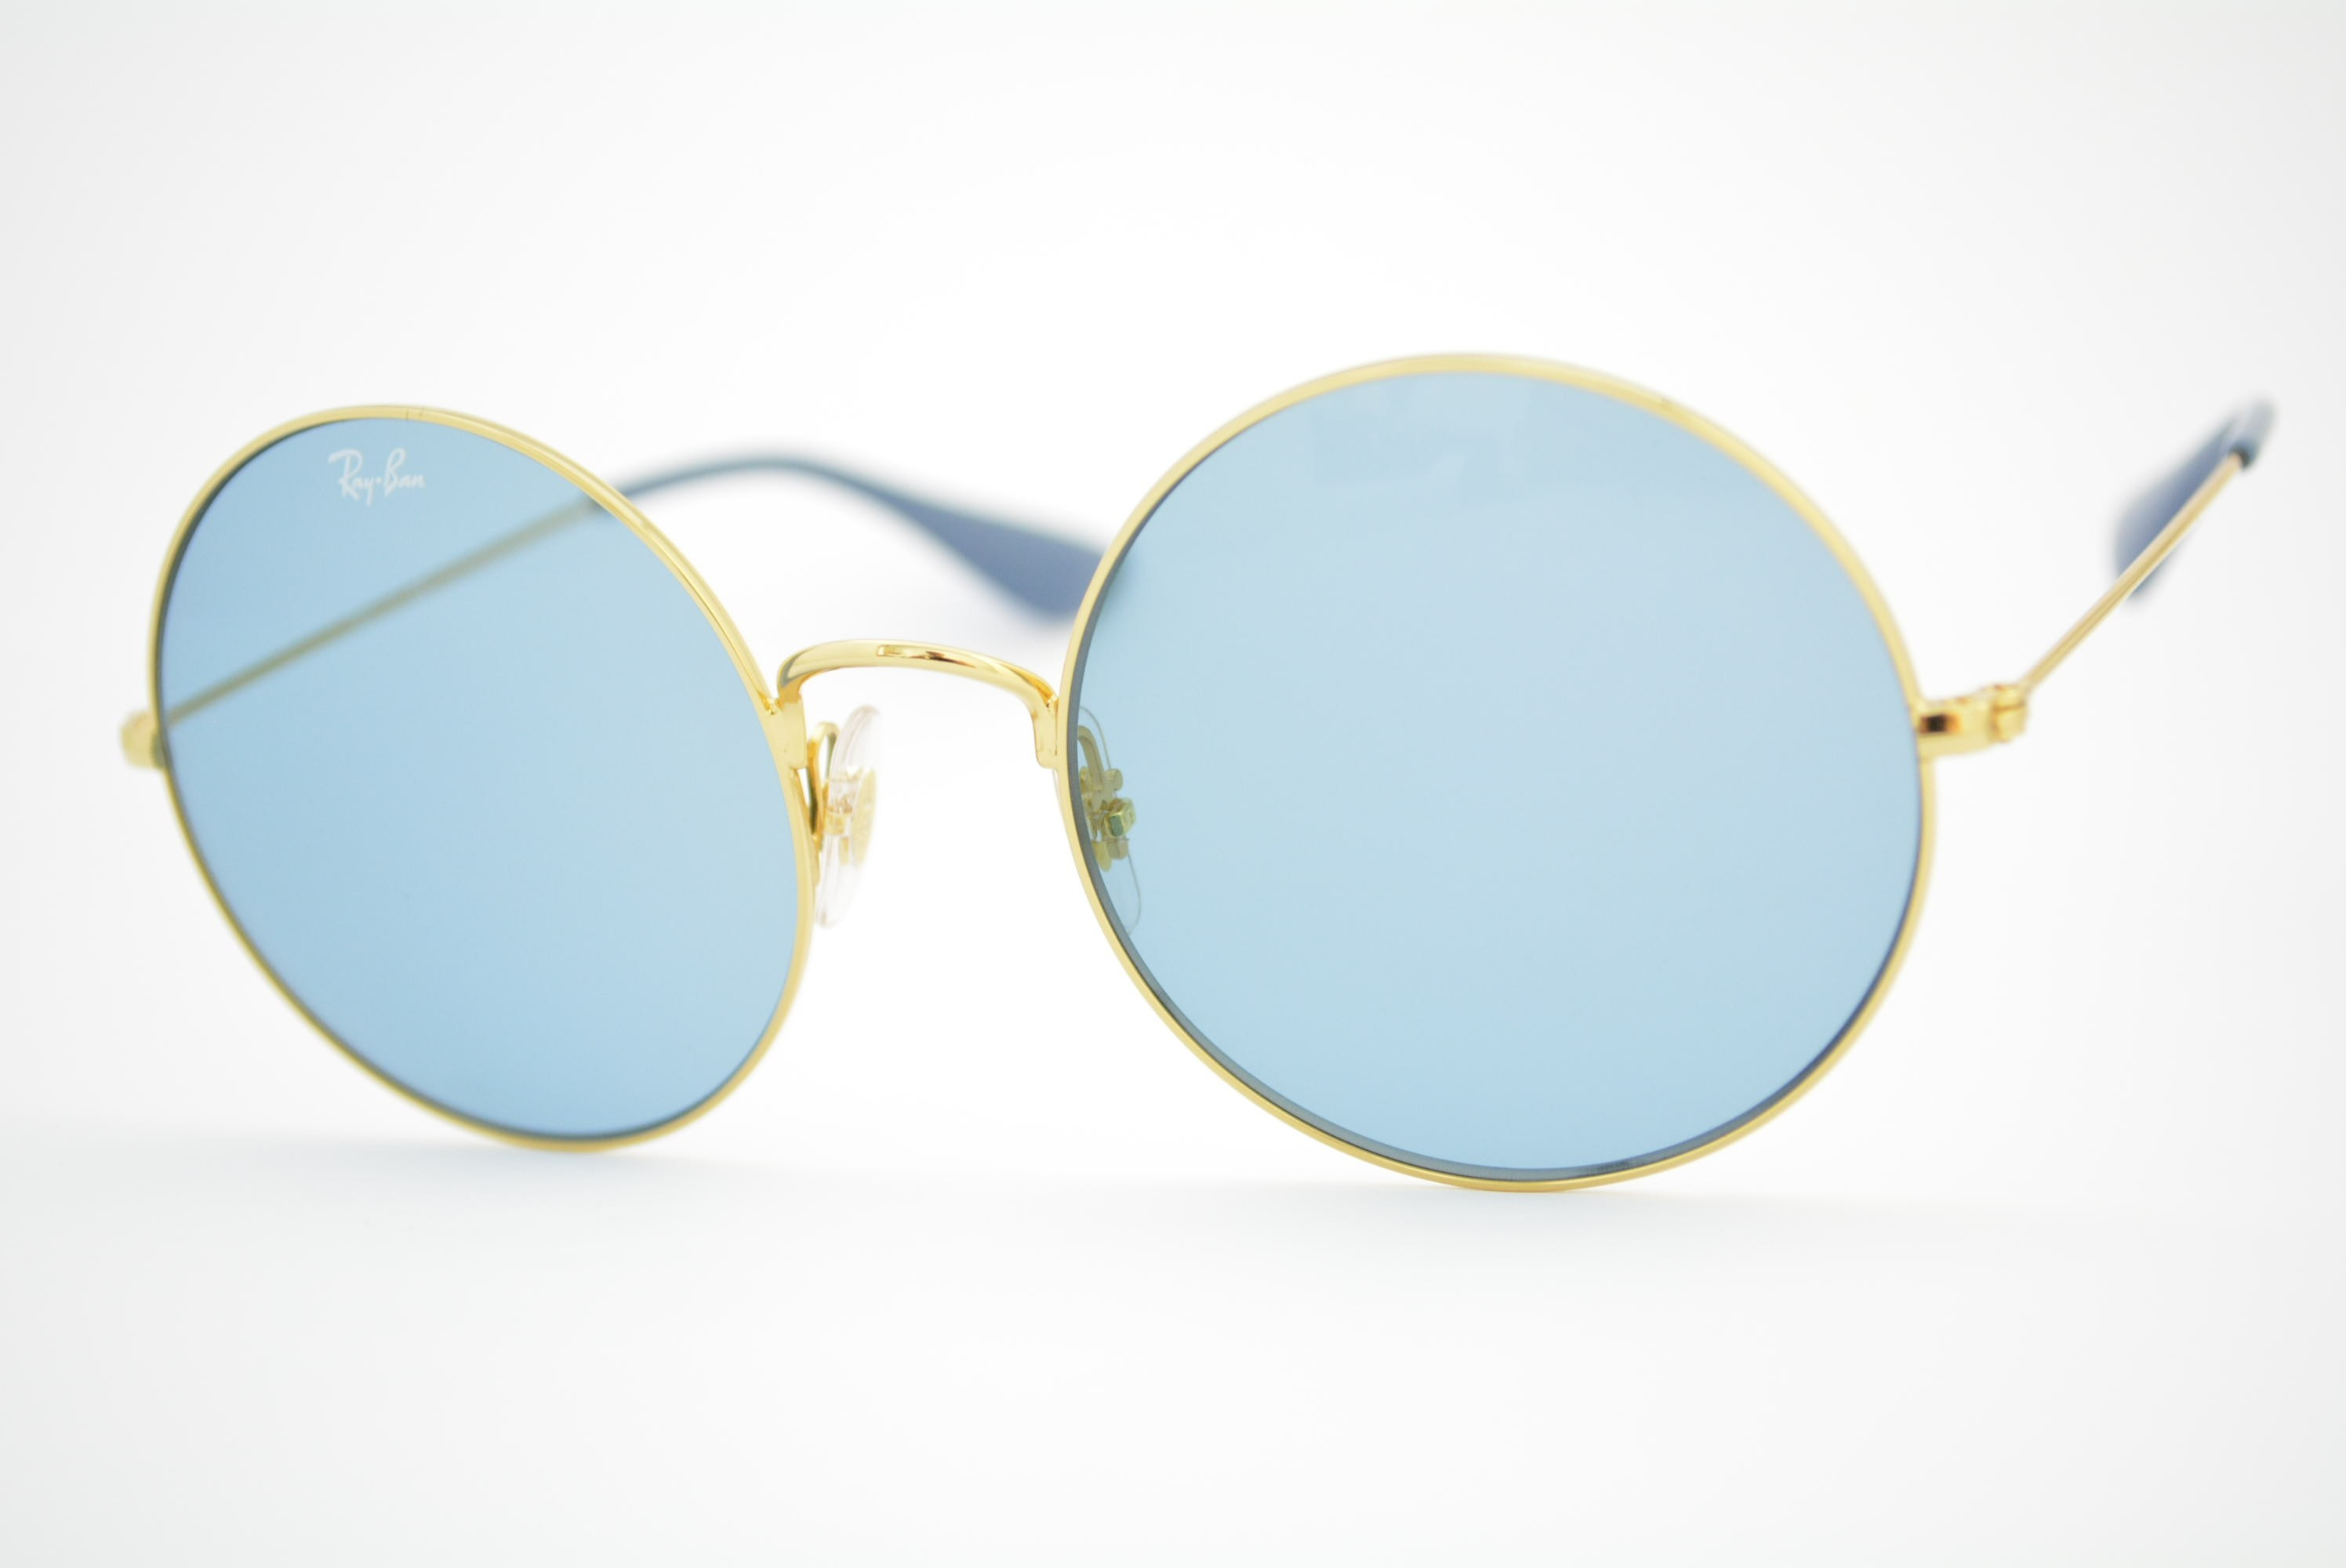 207cc6df39d4f óculos de sol Ray Ban Ja Jo mod rb3592 001 f7 Ótica Cardoso